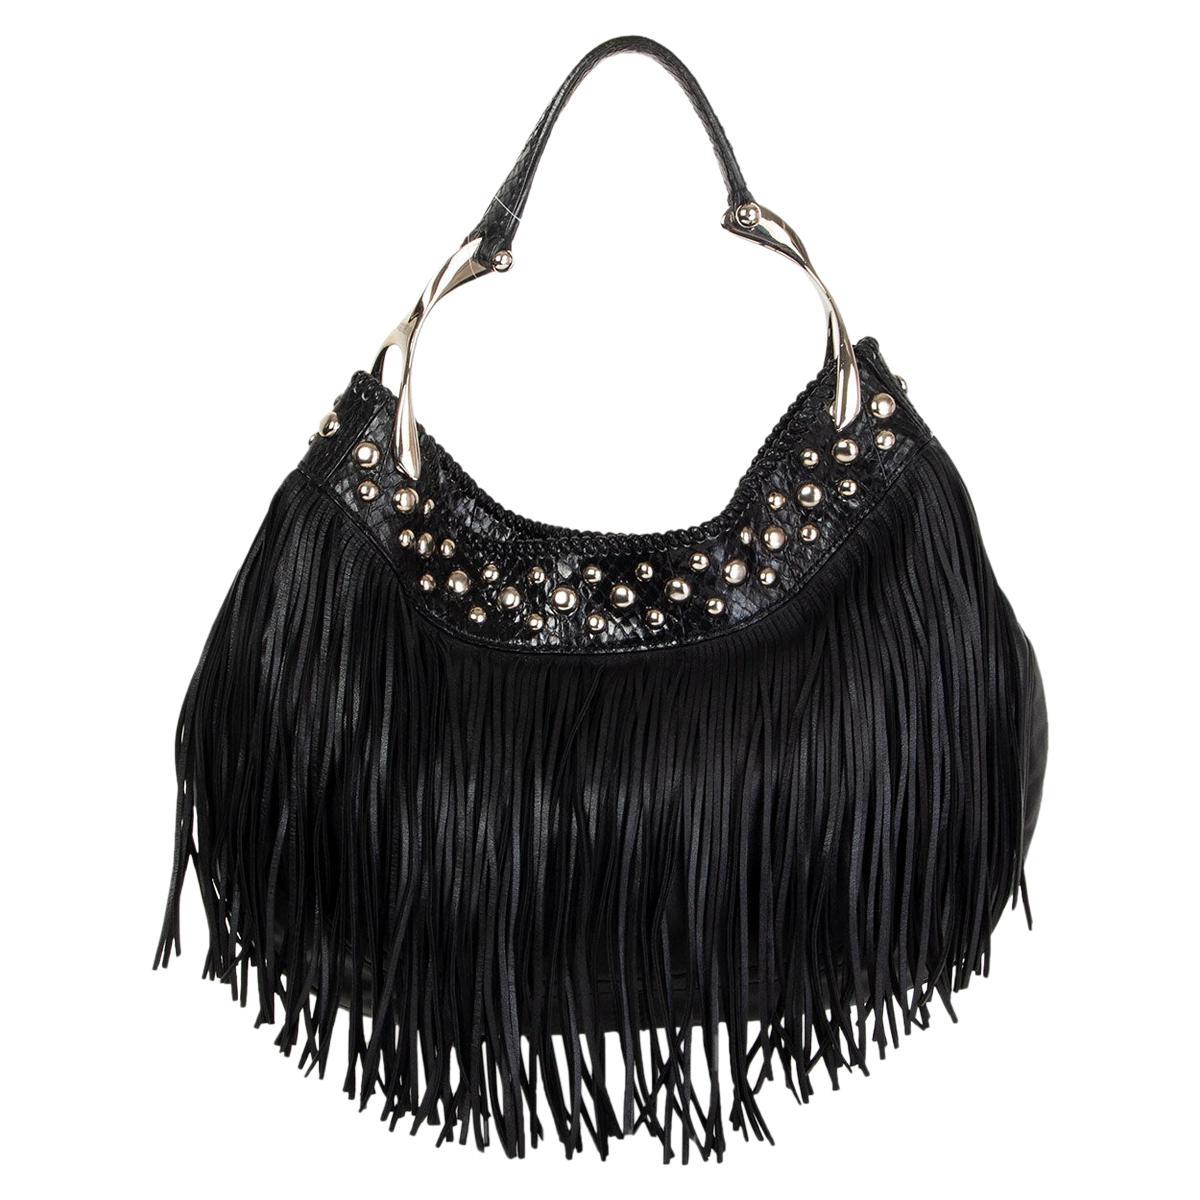 ALEXANDER MCQUEEN black leather & PYTHON WISHBONE FRINGE HOBO Shoulder Bag